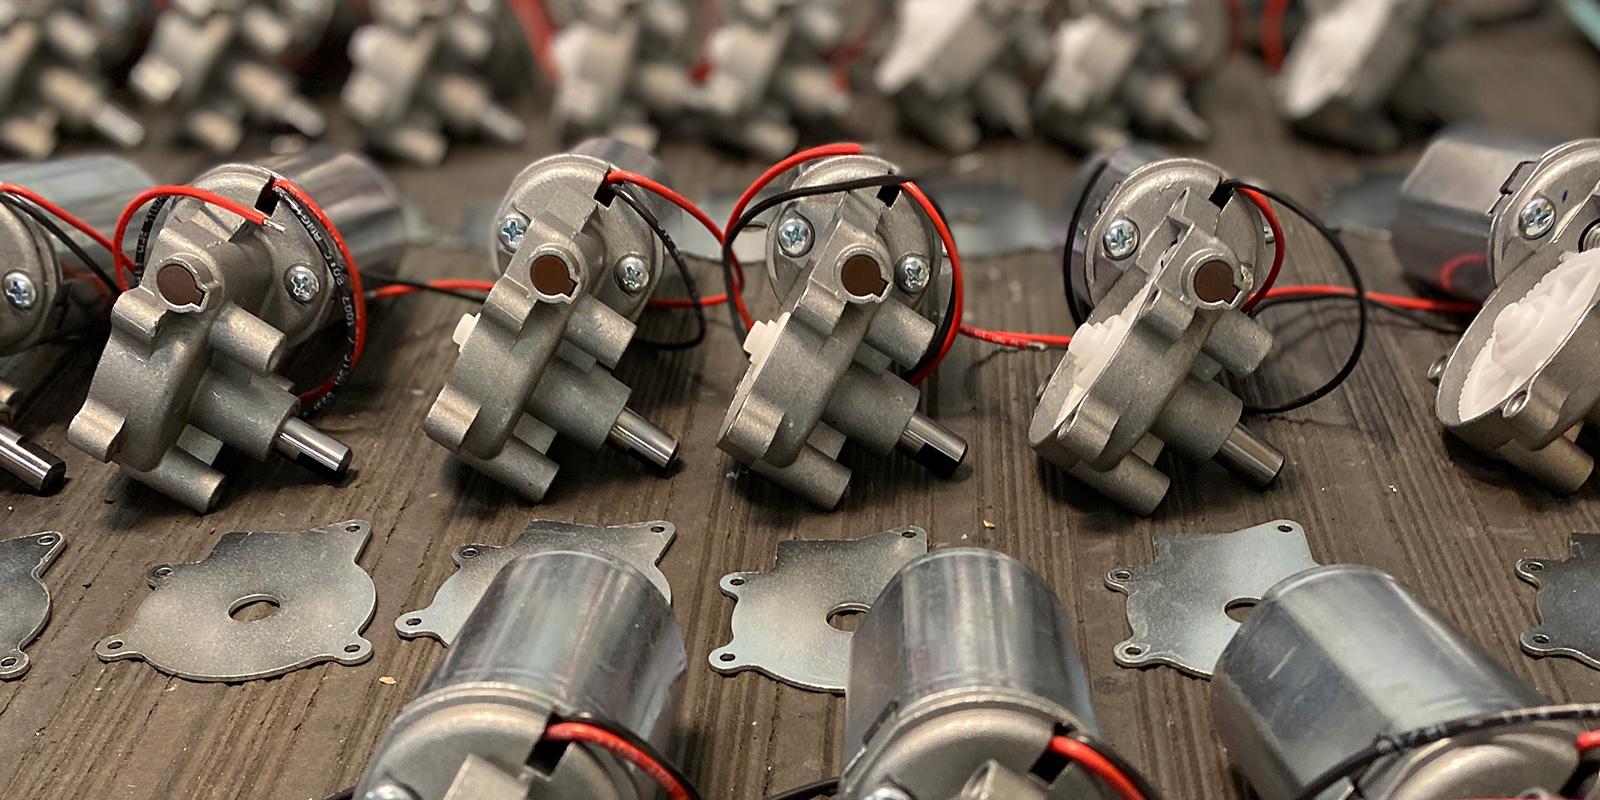 24V DC gearmotorer